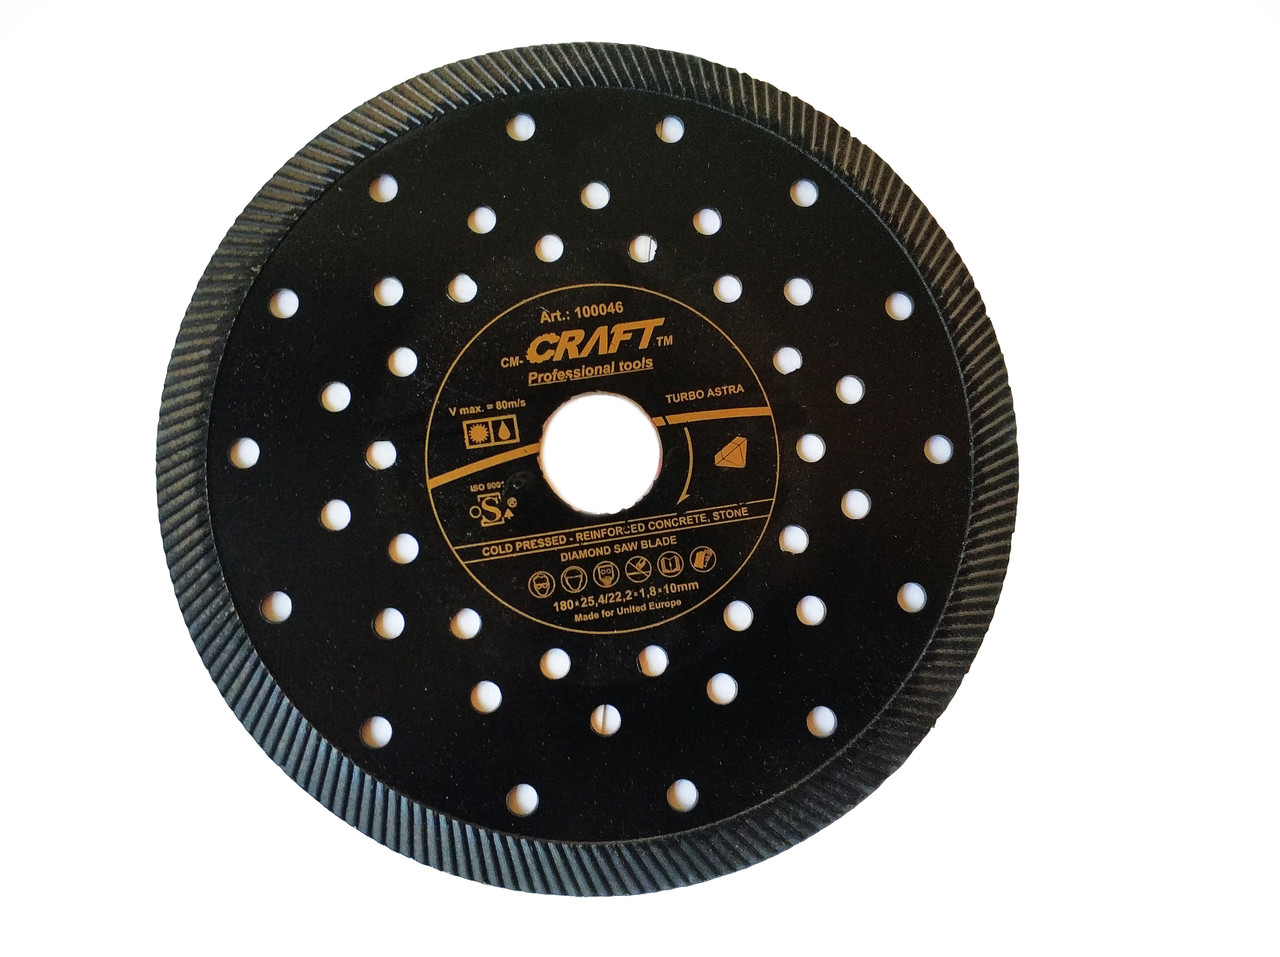 046 Диск CRAFT відрізний алмазний turbo astra 180*25,4/22,2*1,8*10мм